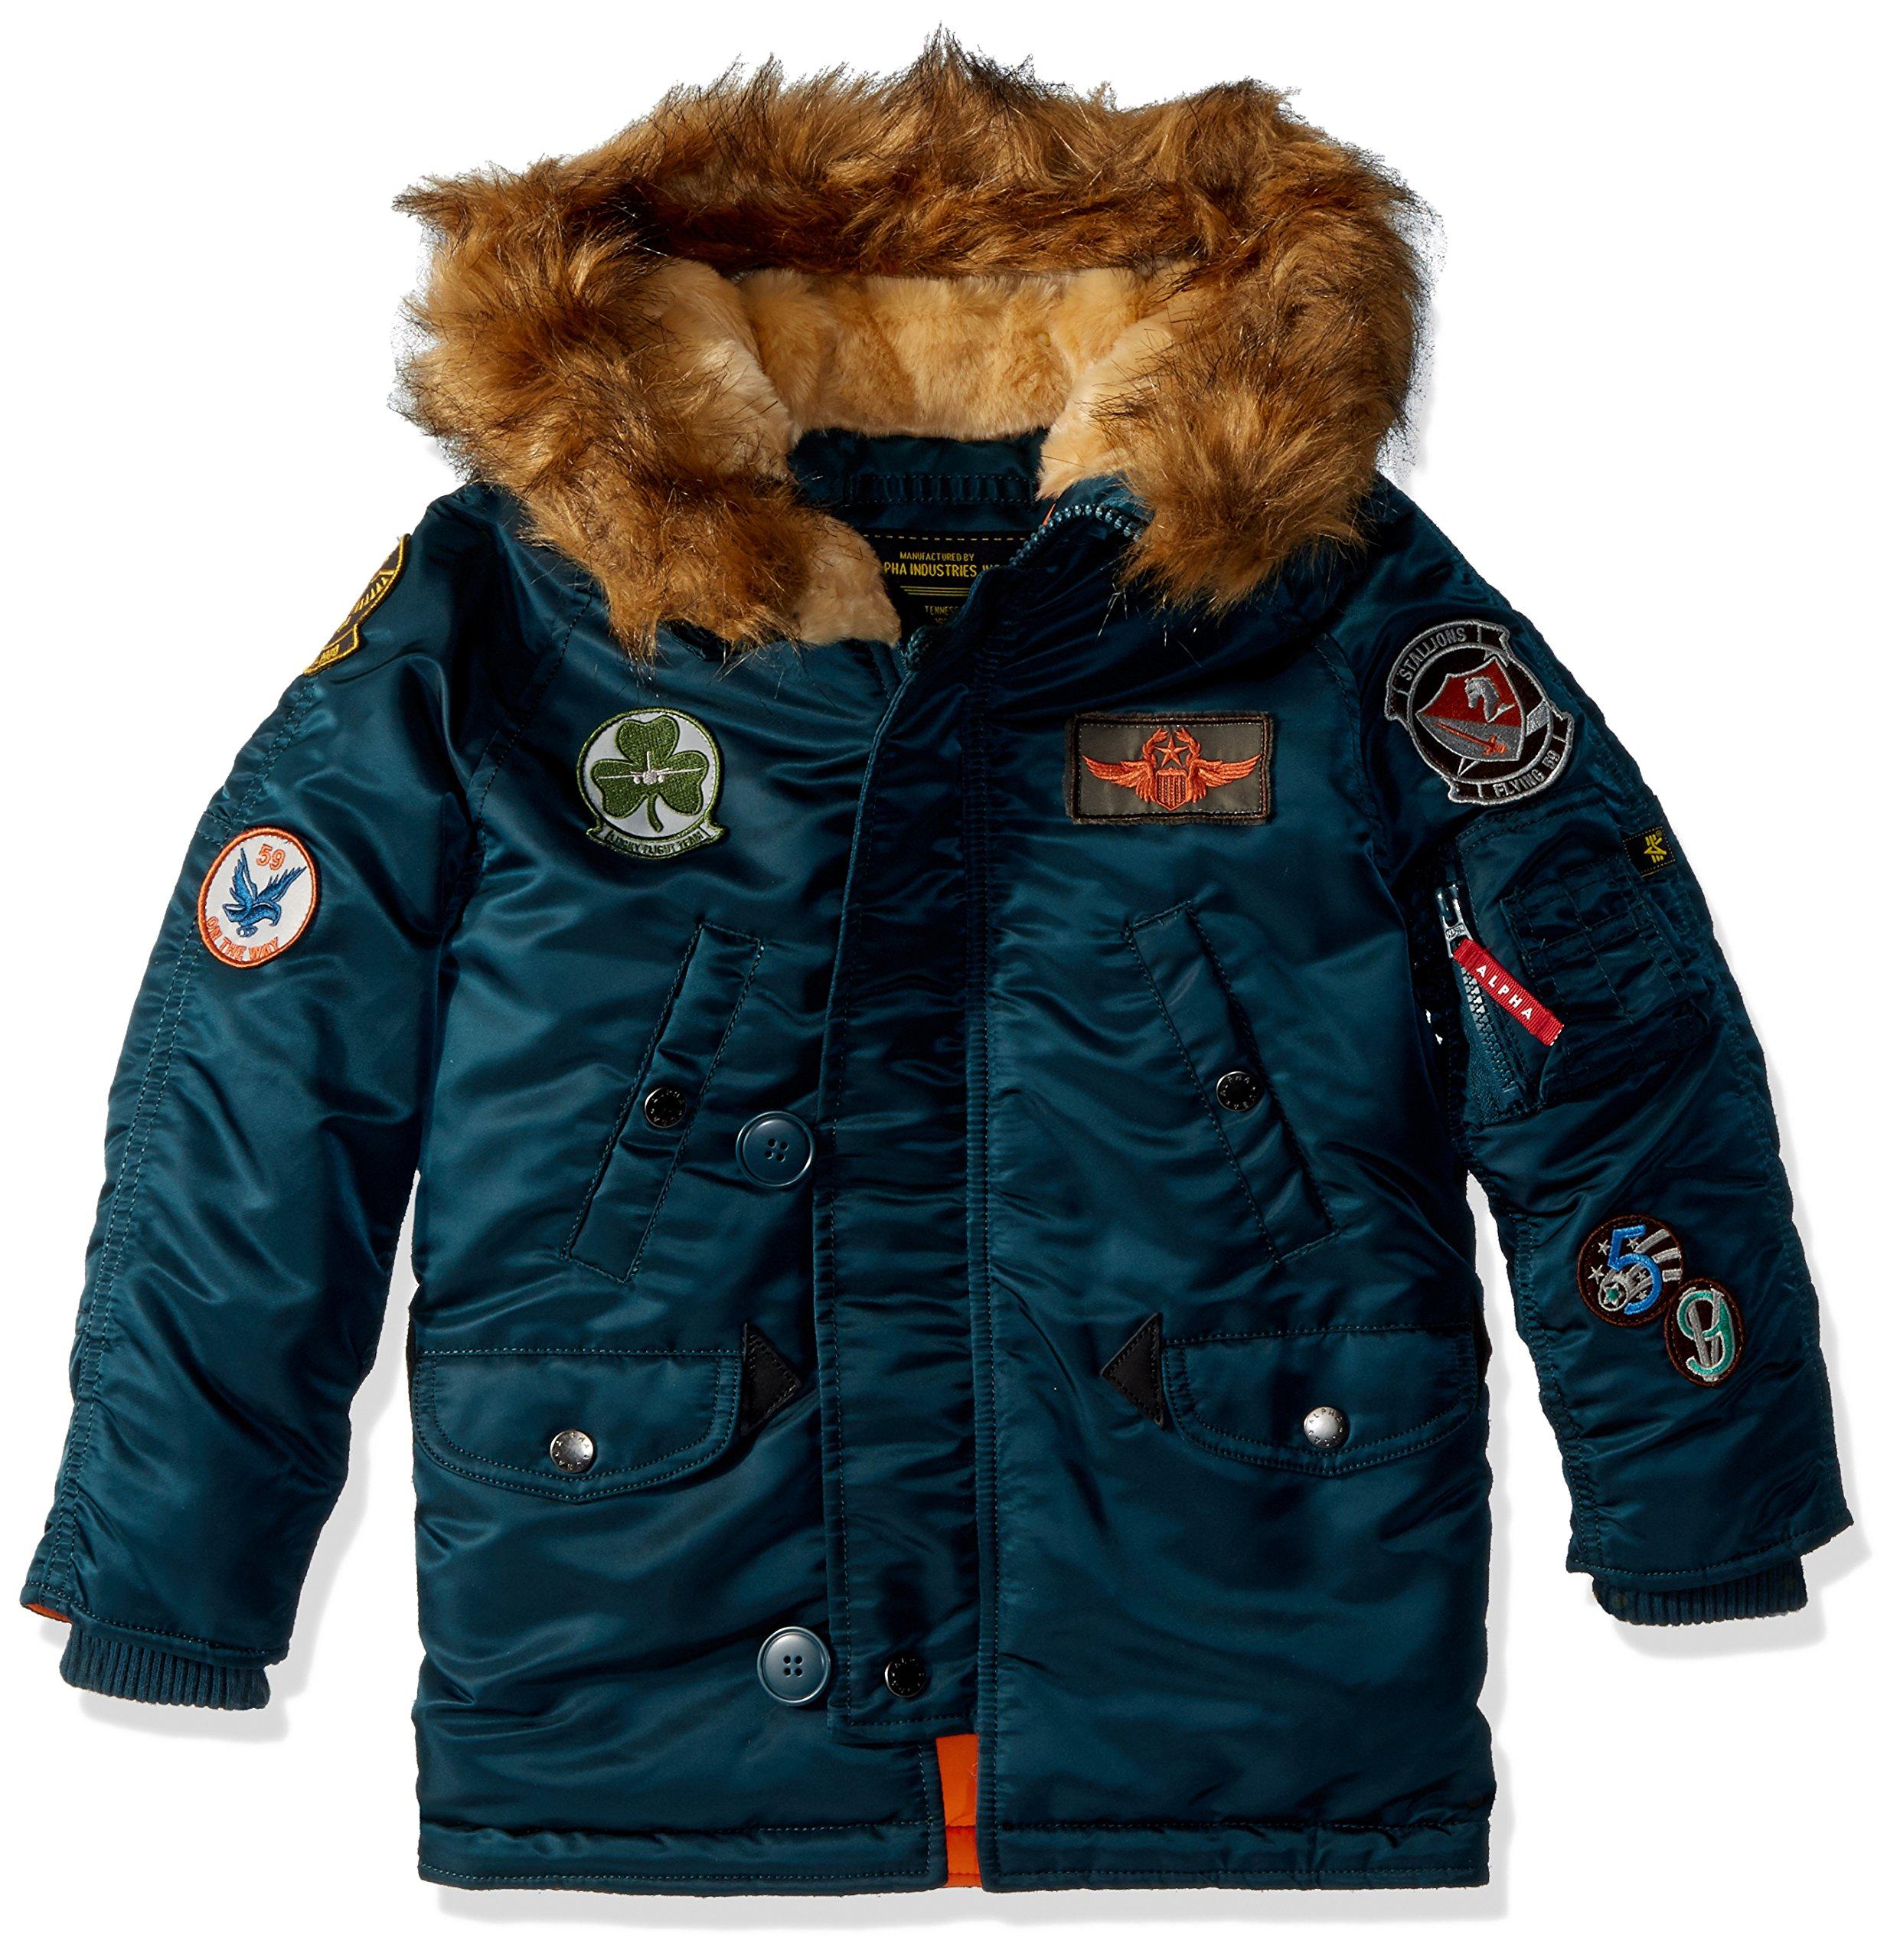 Alpha Industries Big Boys' Maverick Flight Jacket, Navy, Large/14-16 by Alpha Industries